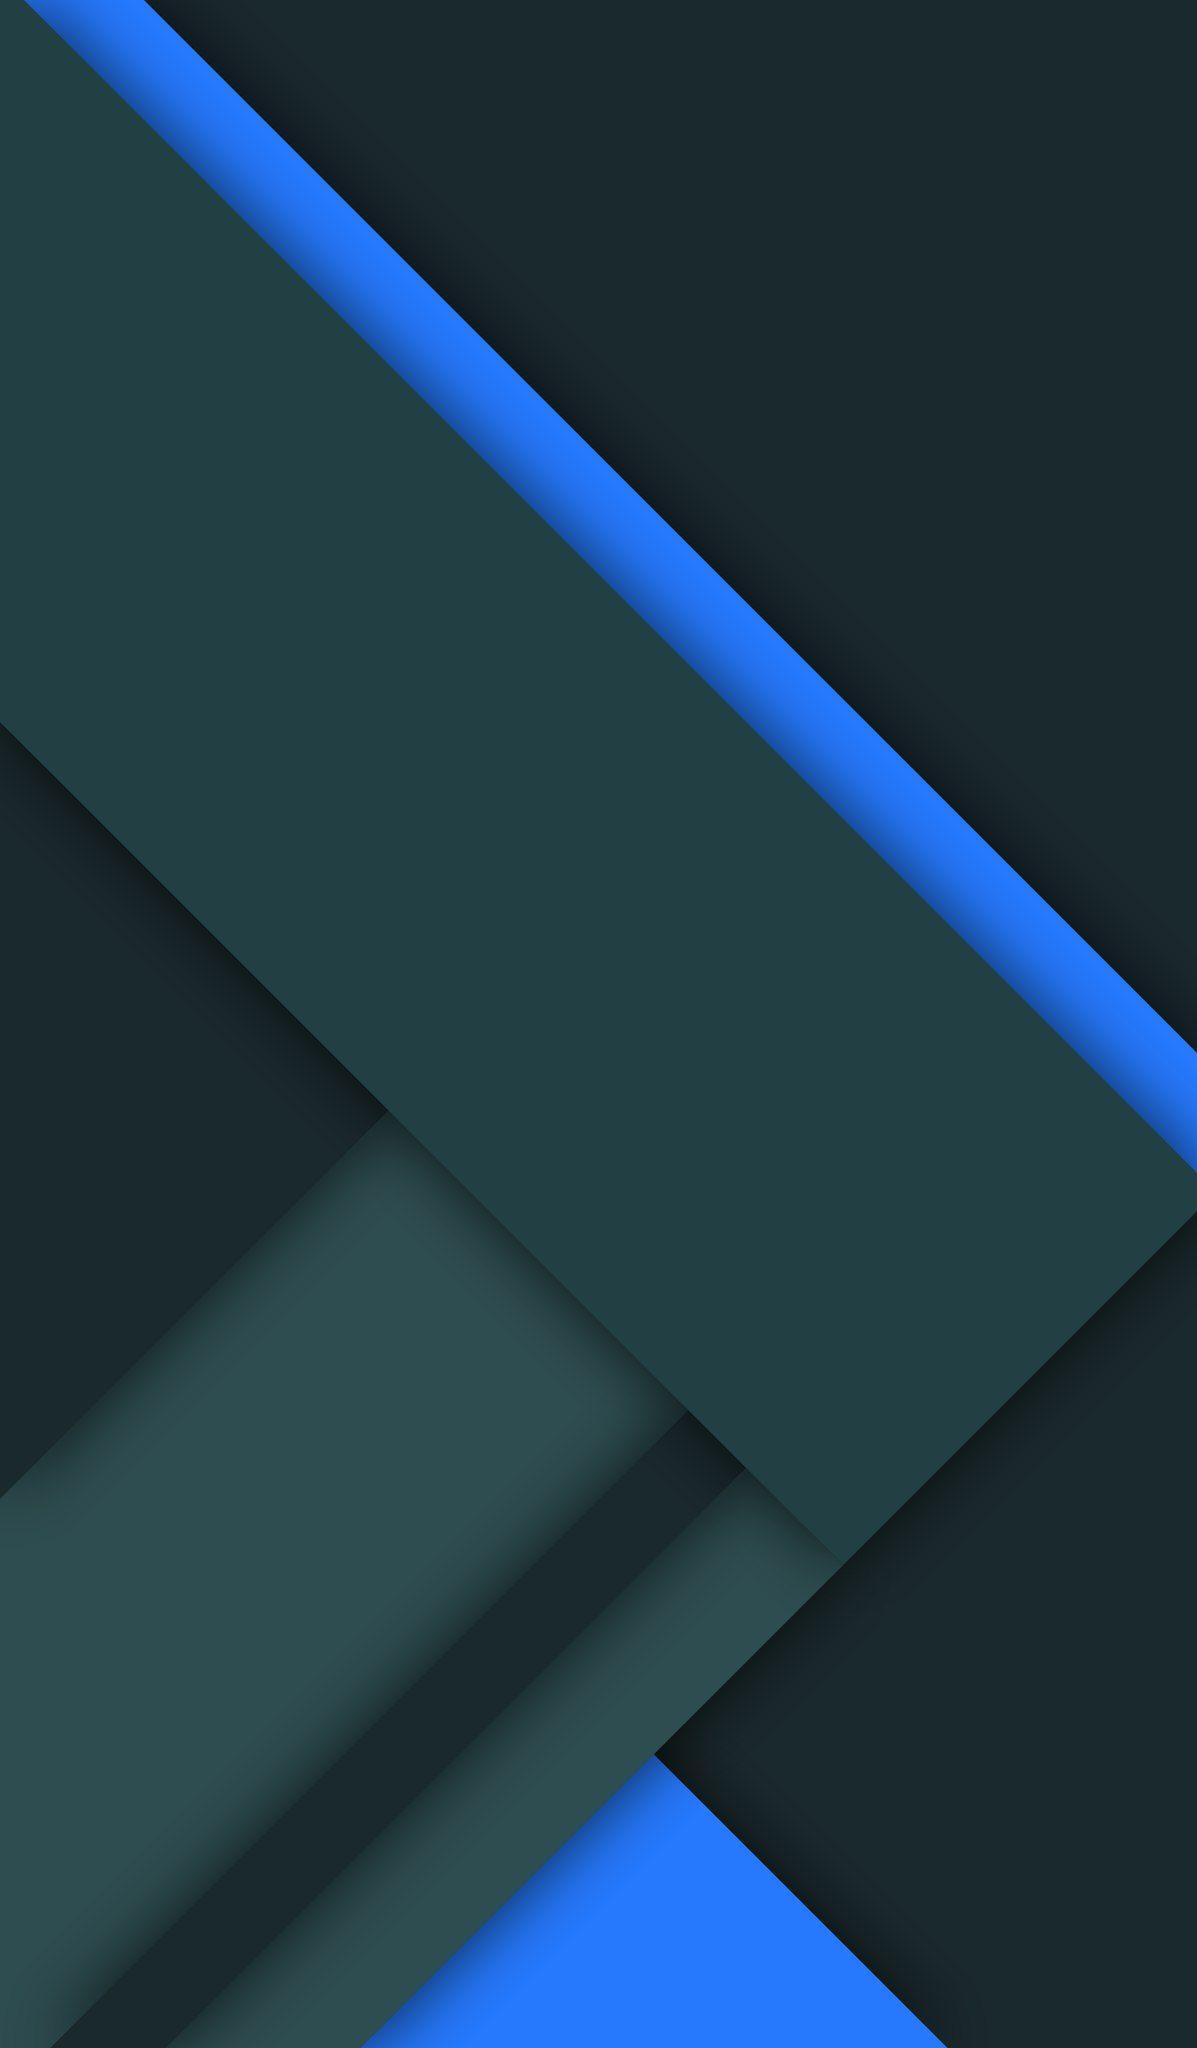 Material Design Wallpaper Designer Wallpaper Lock Screen Wallpaper